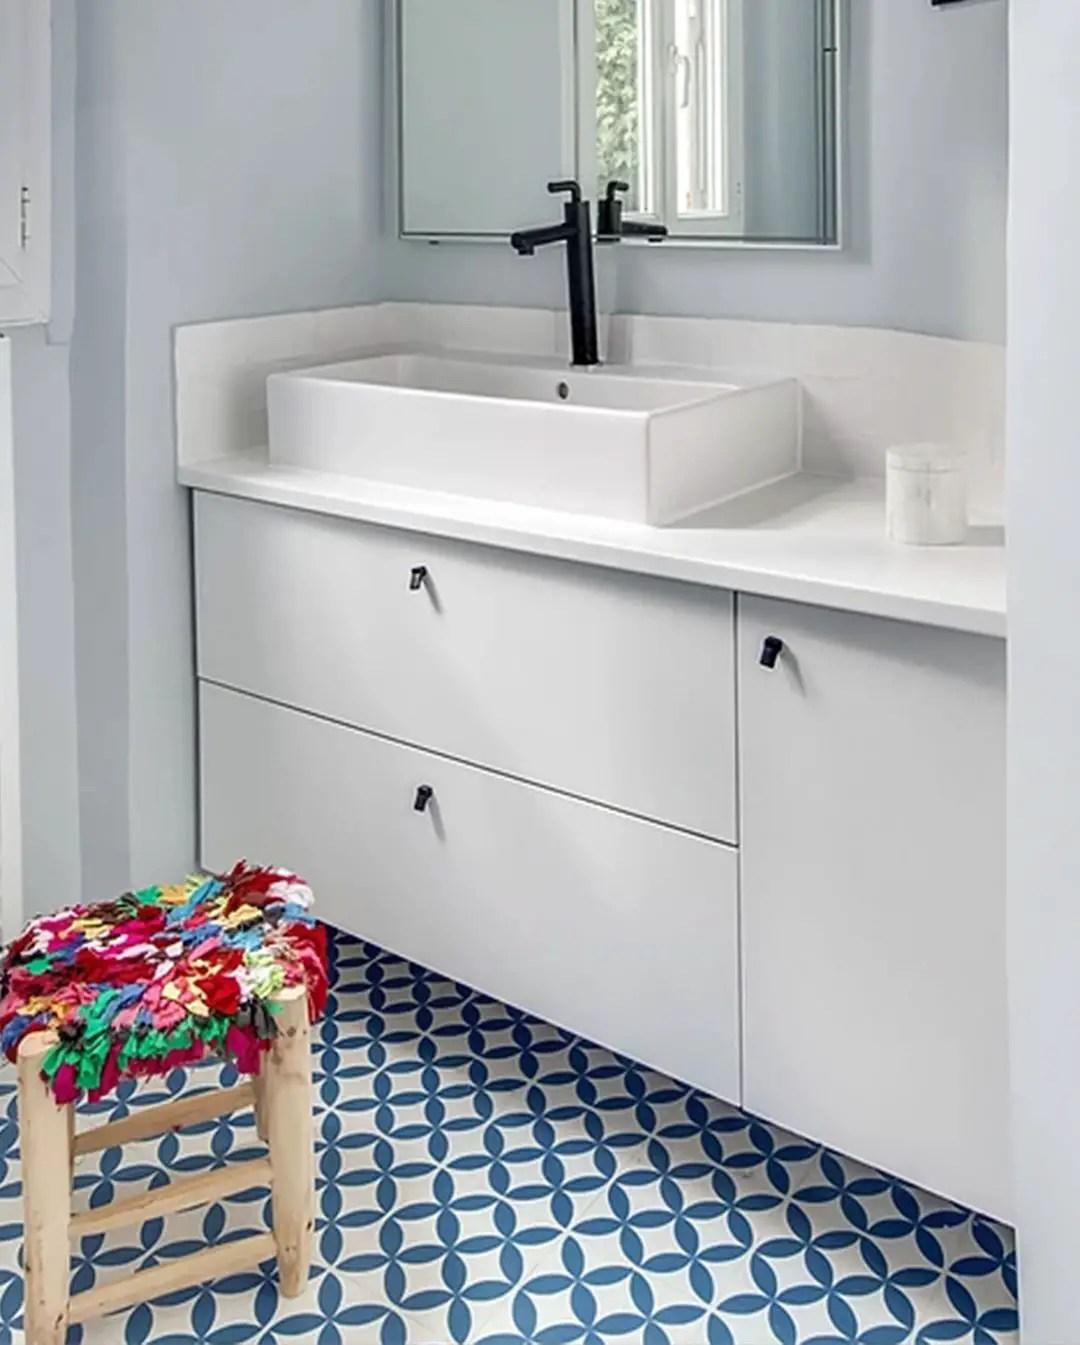 Bathroom Tile Ideas 29